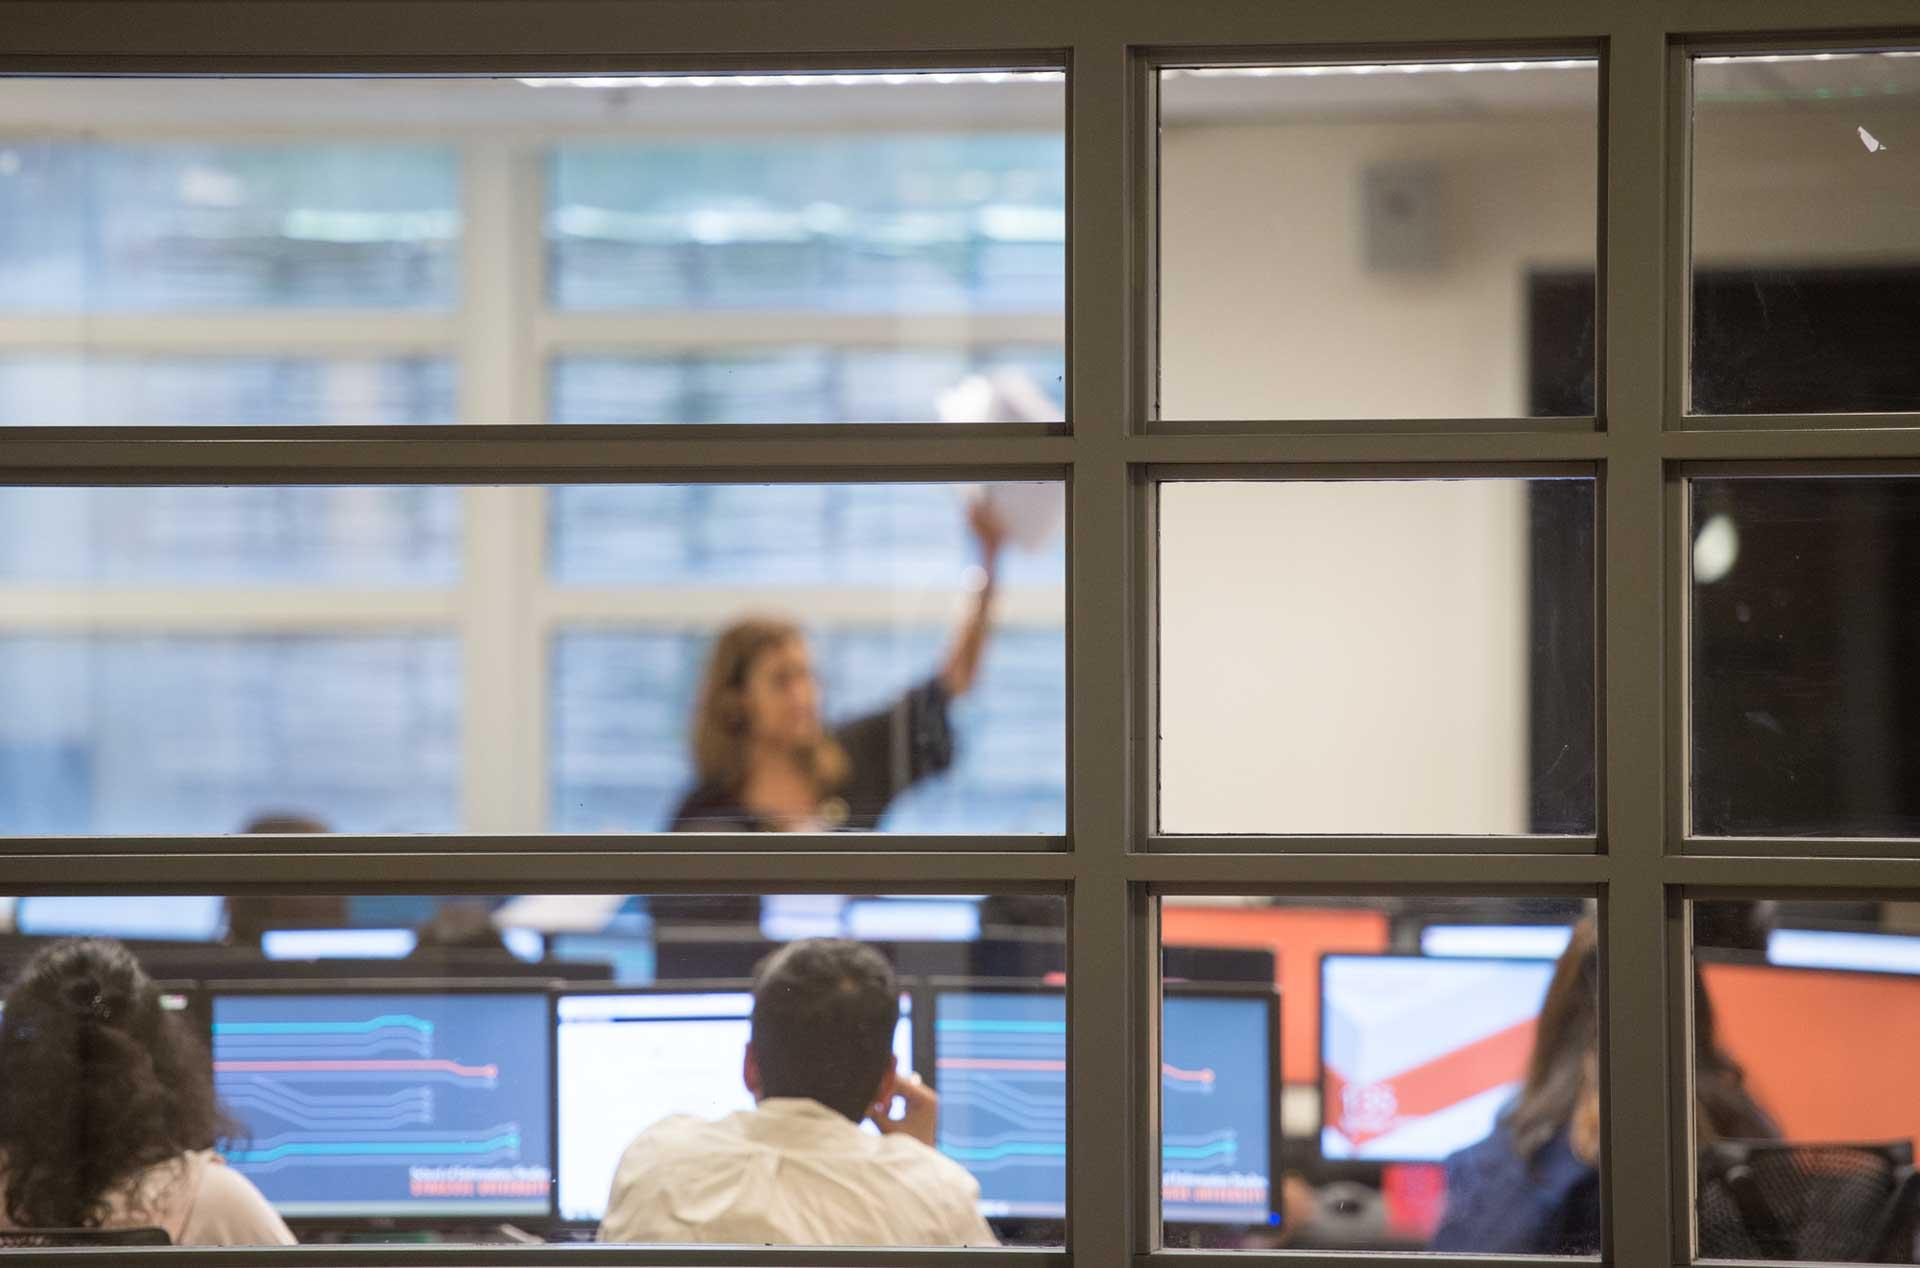 An iSchool class seen through a window